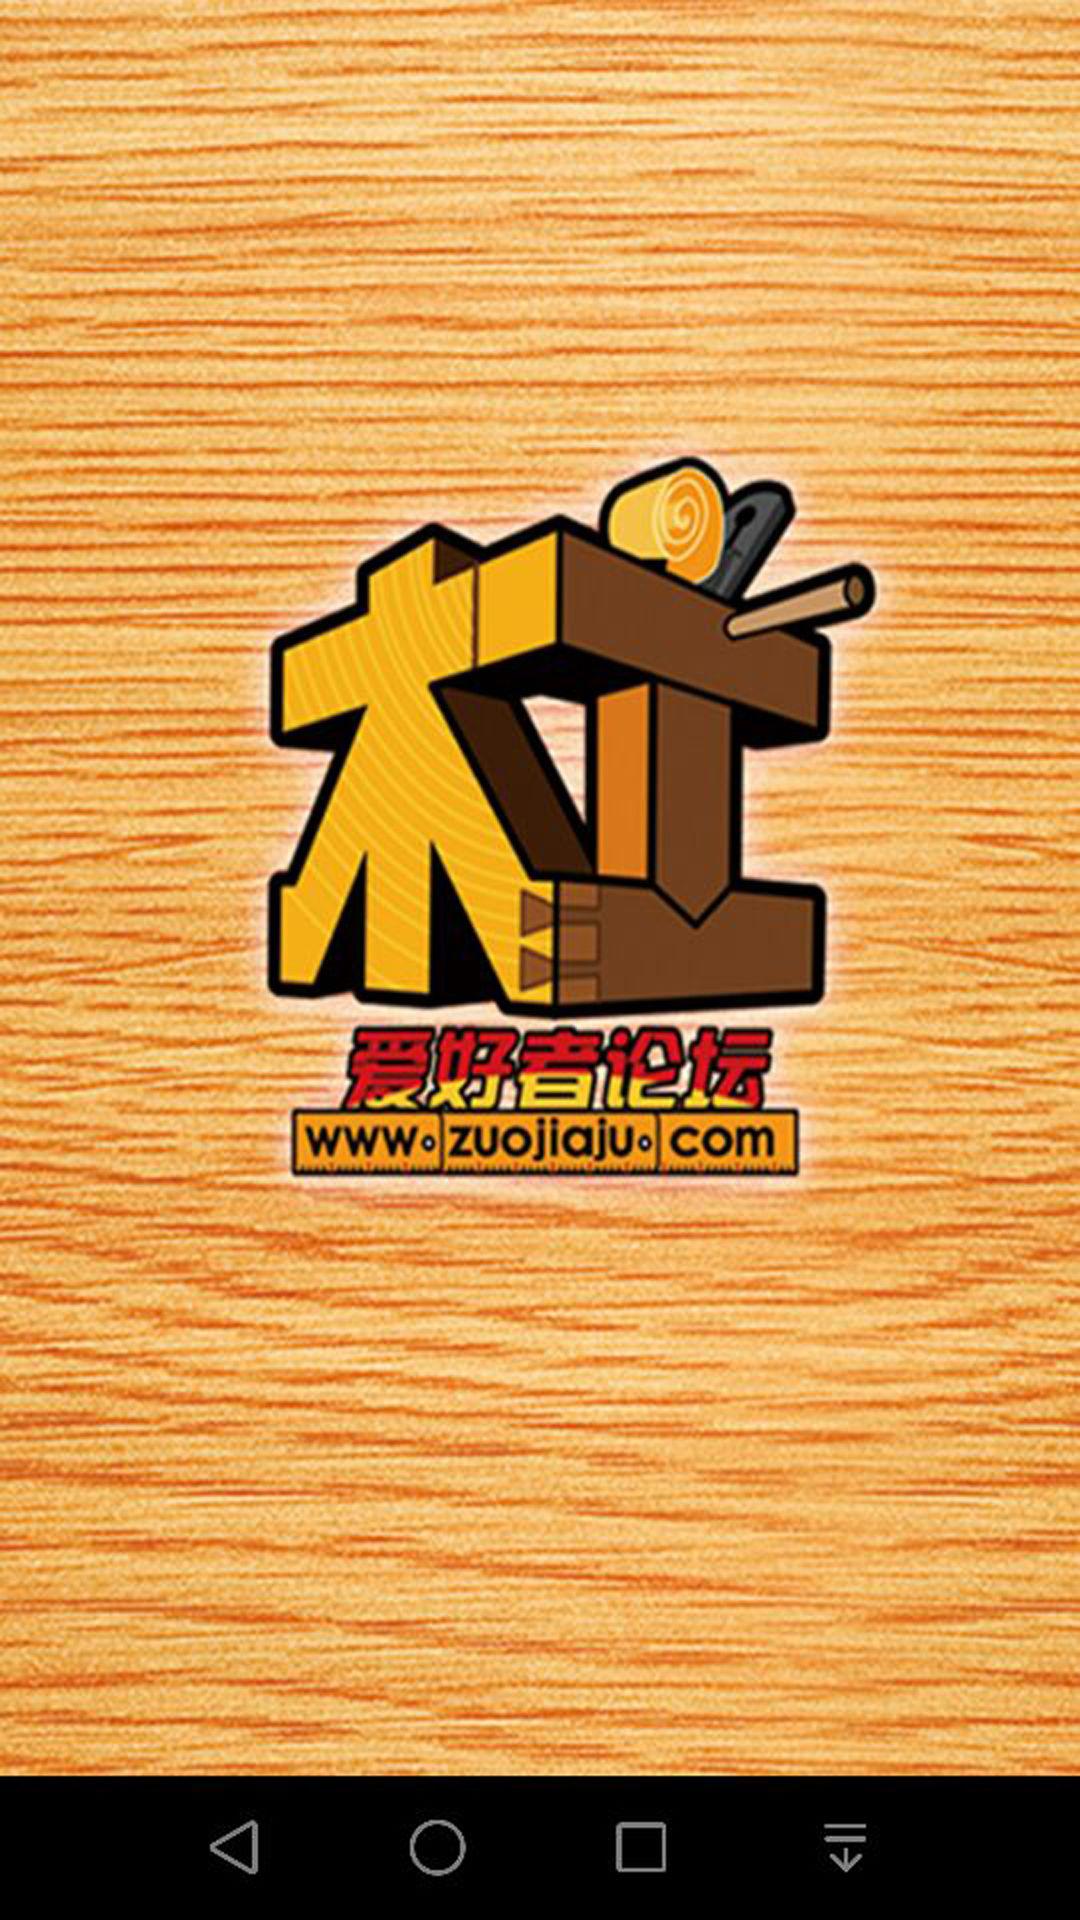 中国木工爱好者-应用截图